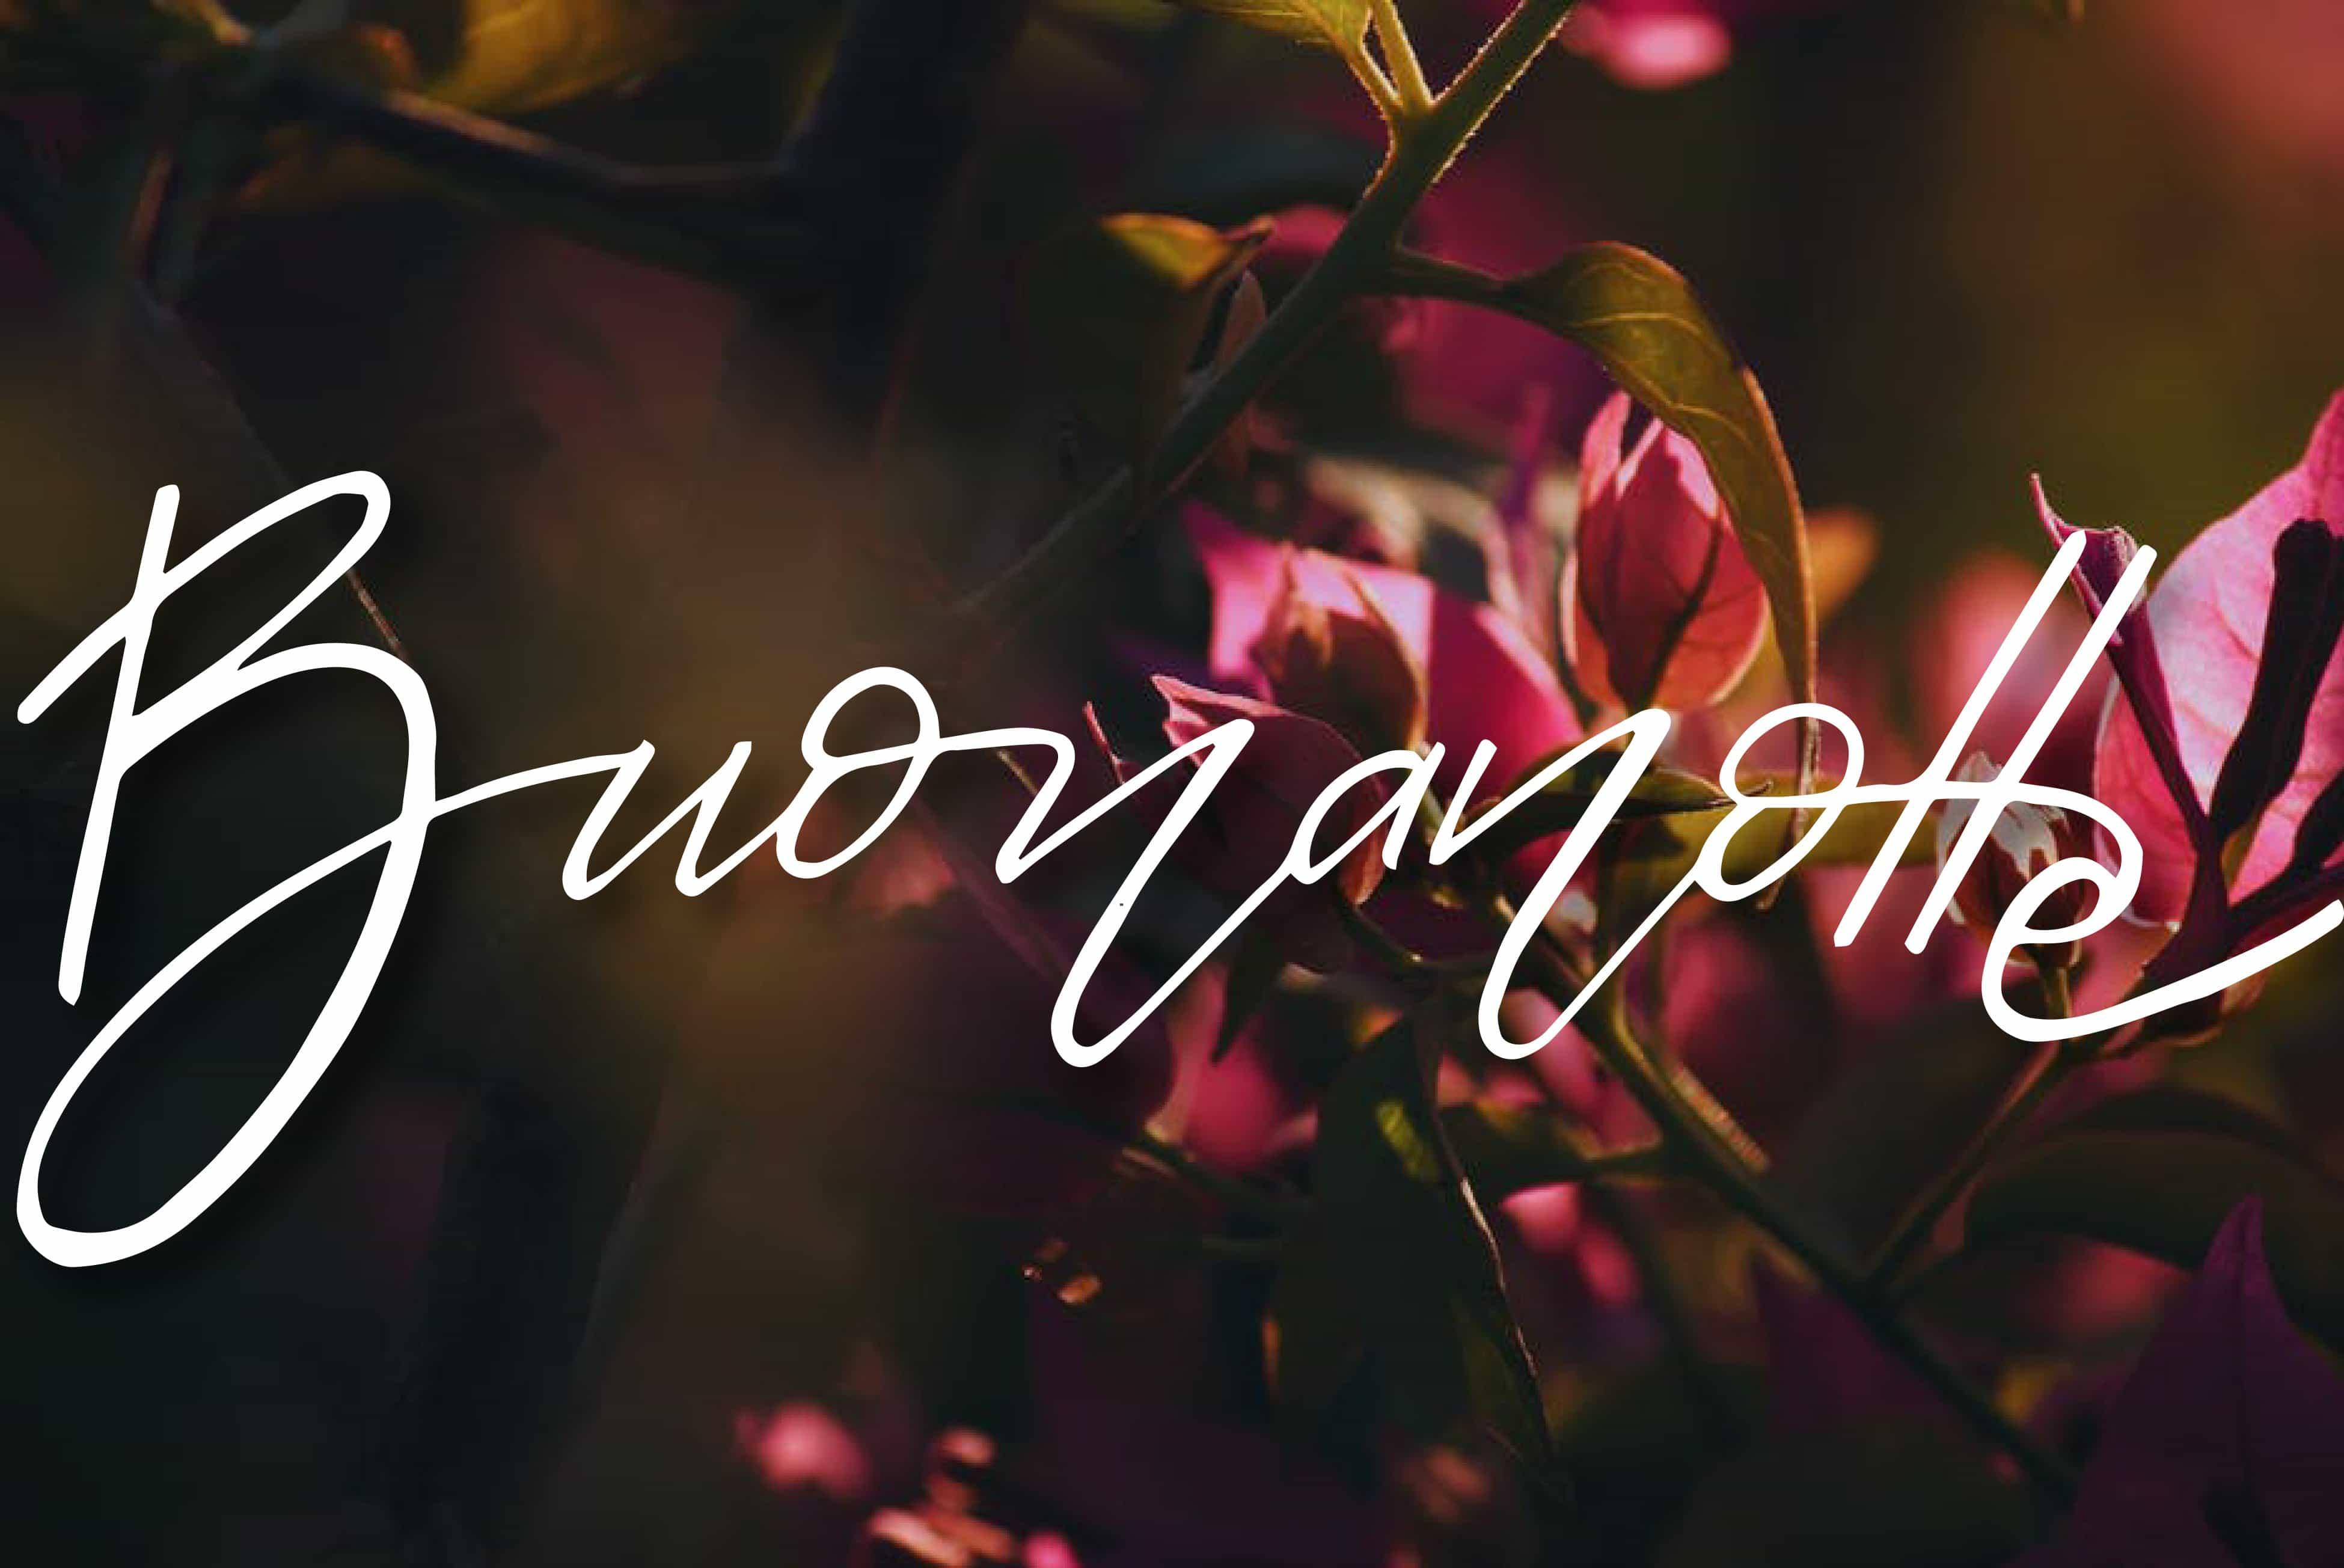 buonanotte con i fiori immagine simpatica